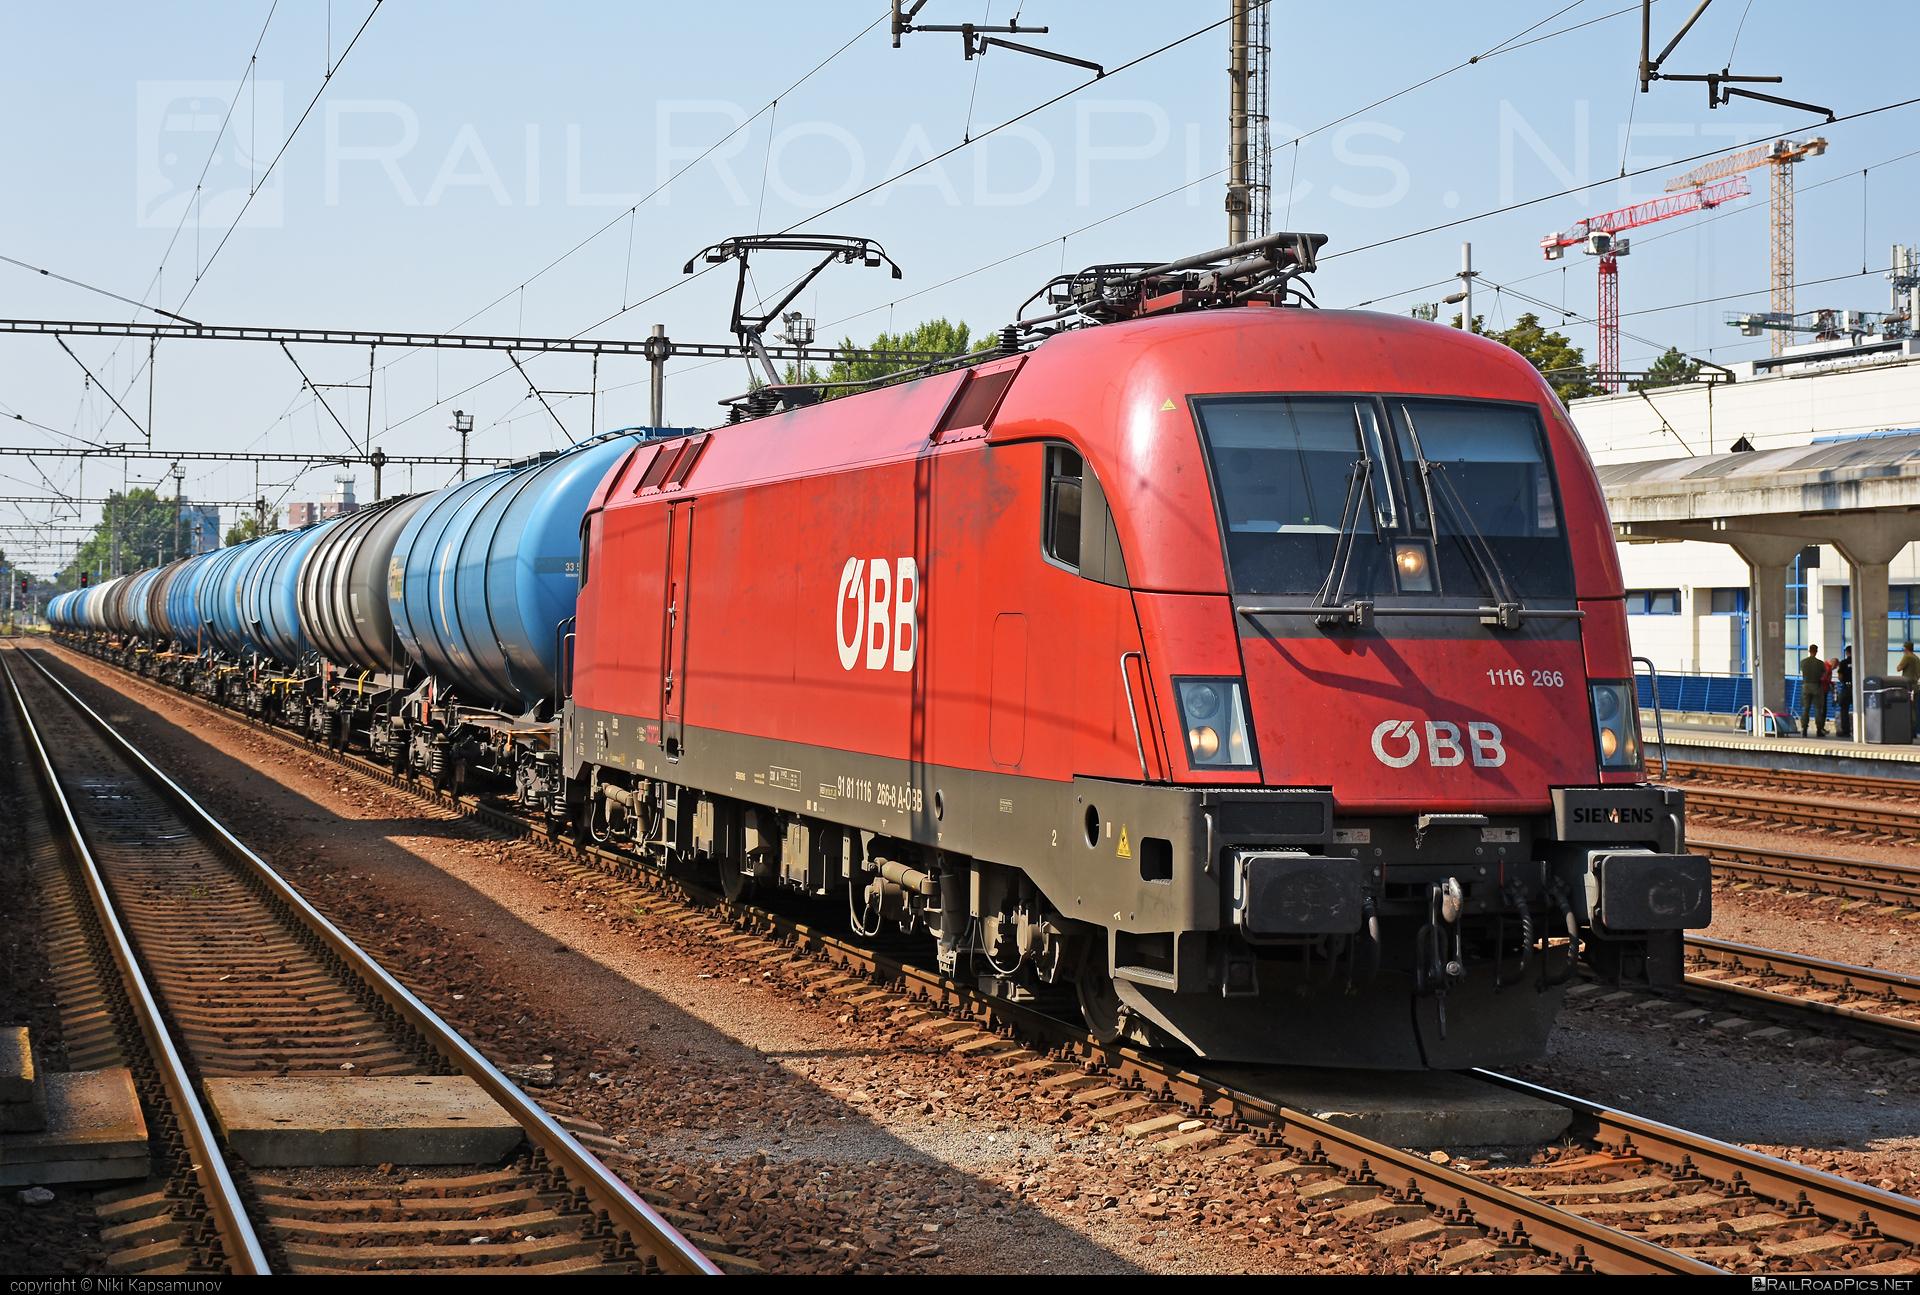 Siemens ES 64 U2 - 1116 266 operated by Rail Cargo Austria AG #es64 #es64u #es64u2 #eurosprinter #kesselwagen #obb #osterreichischebundesbahnen #rcw #siemens #siemenses64 #siemenses64u #siemenses64u2 #siemenstaurus #tankwagon #taurus #tauruslocomotive